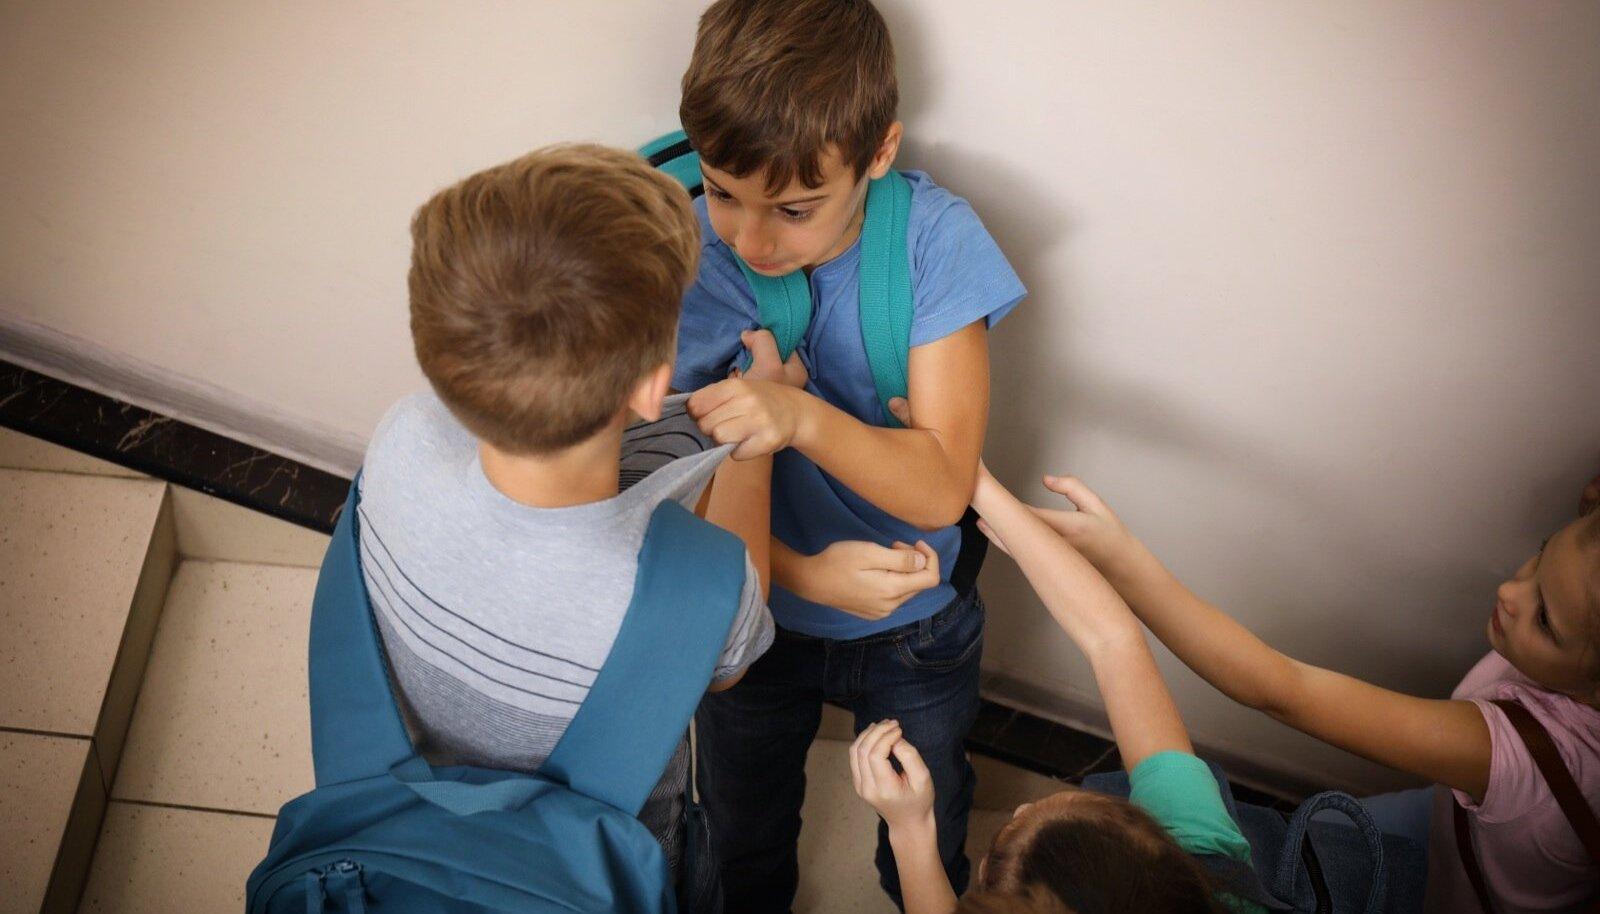 Koolikiusamine on koolivägivalla alaliik. See on korduv pahatahtlik käitumine, mis võib olla nii füüsiline kui ka psühholoogiline.